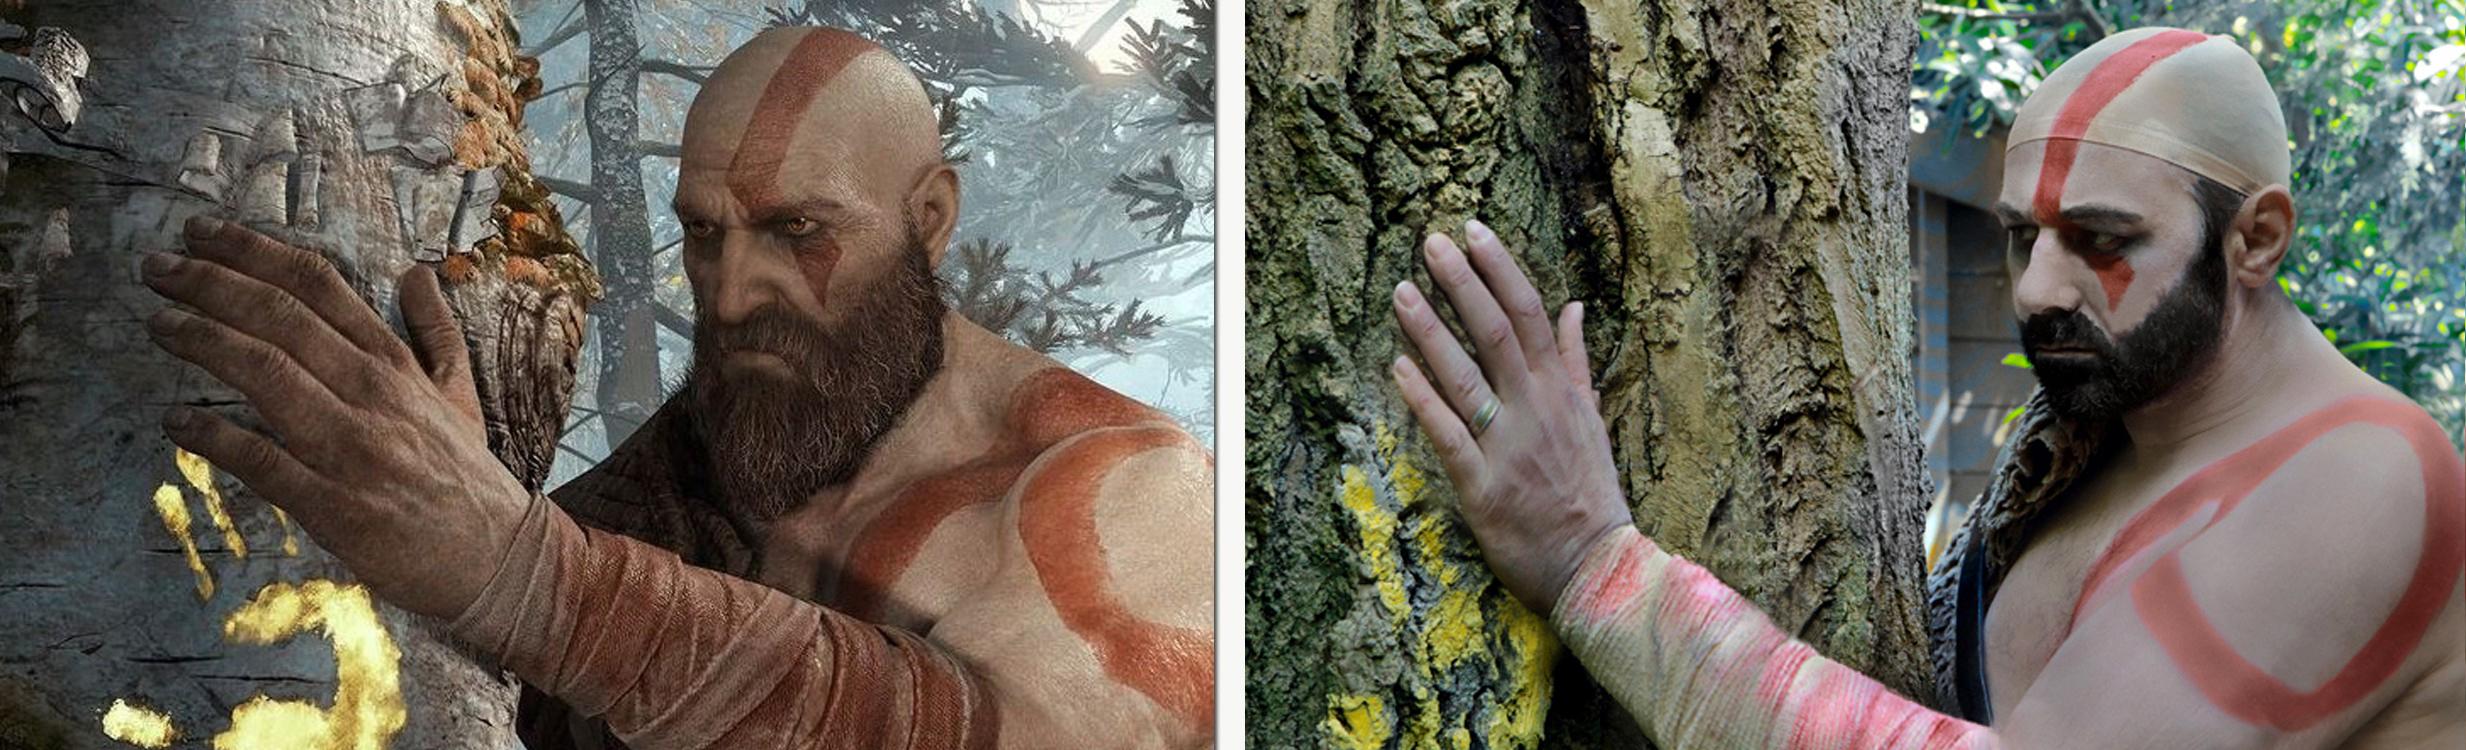 Kratos - God Of War / Nigel - God Knows What